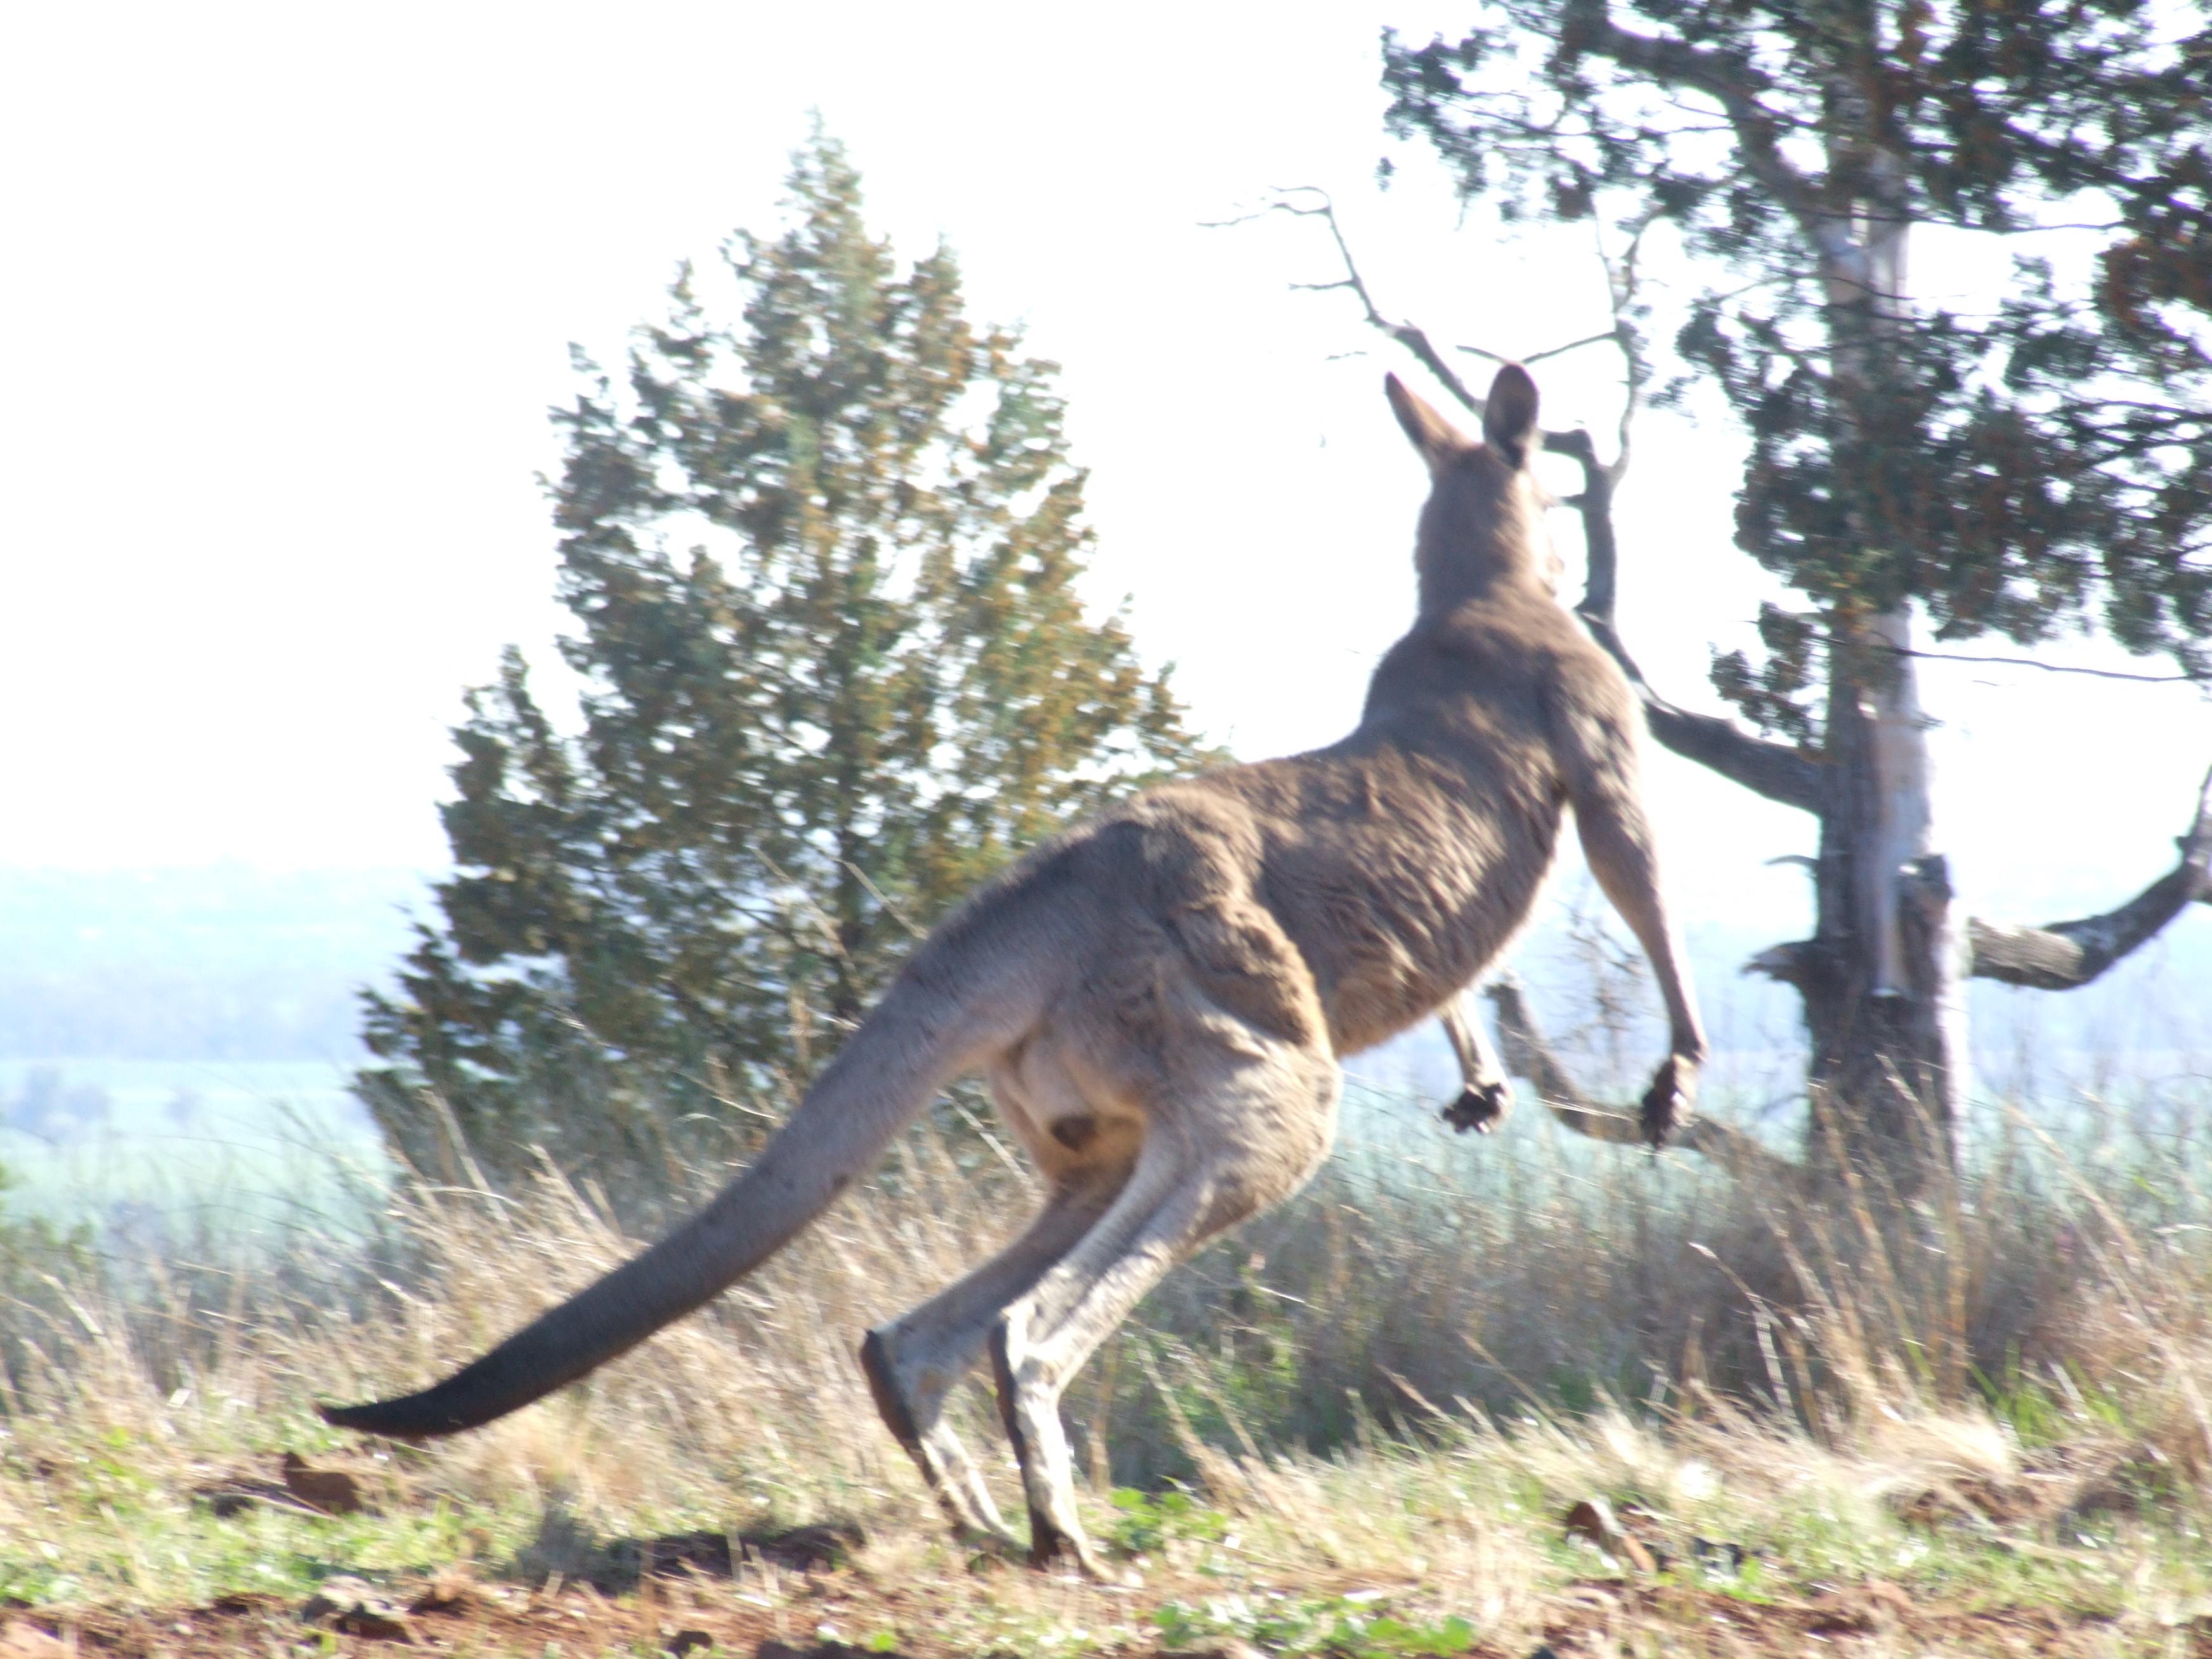 Big kangaroo gallery image